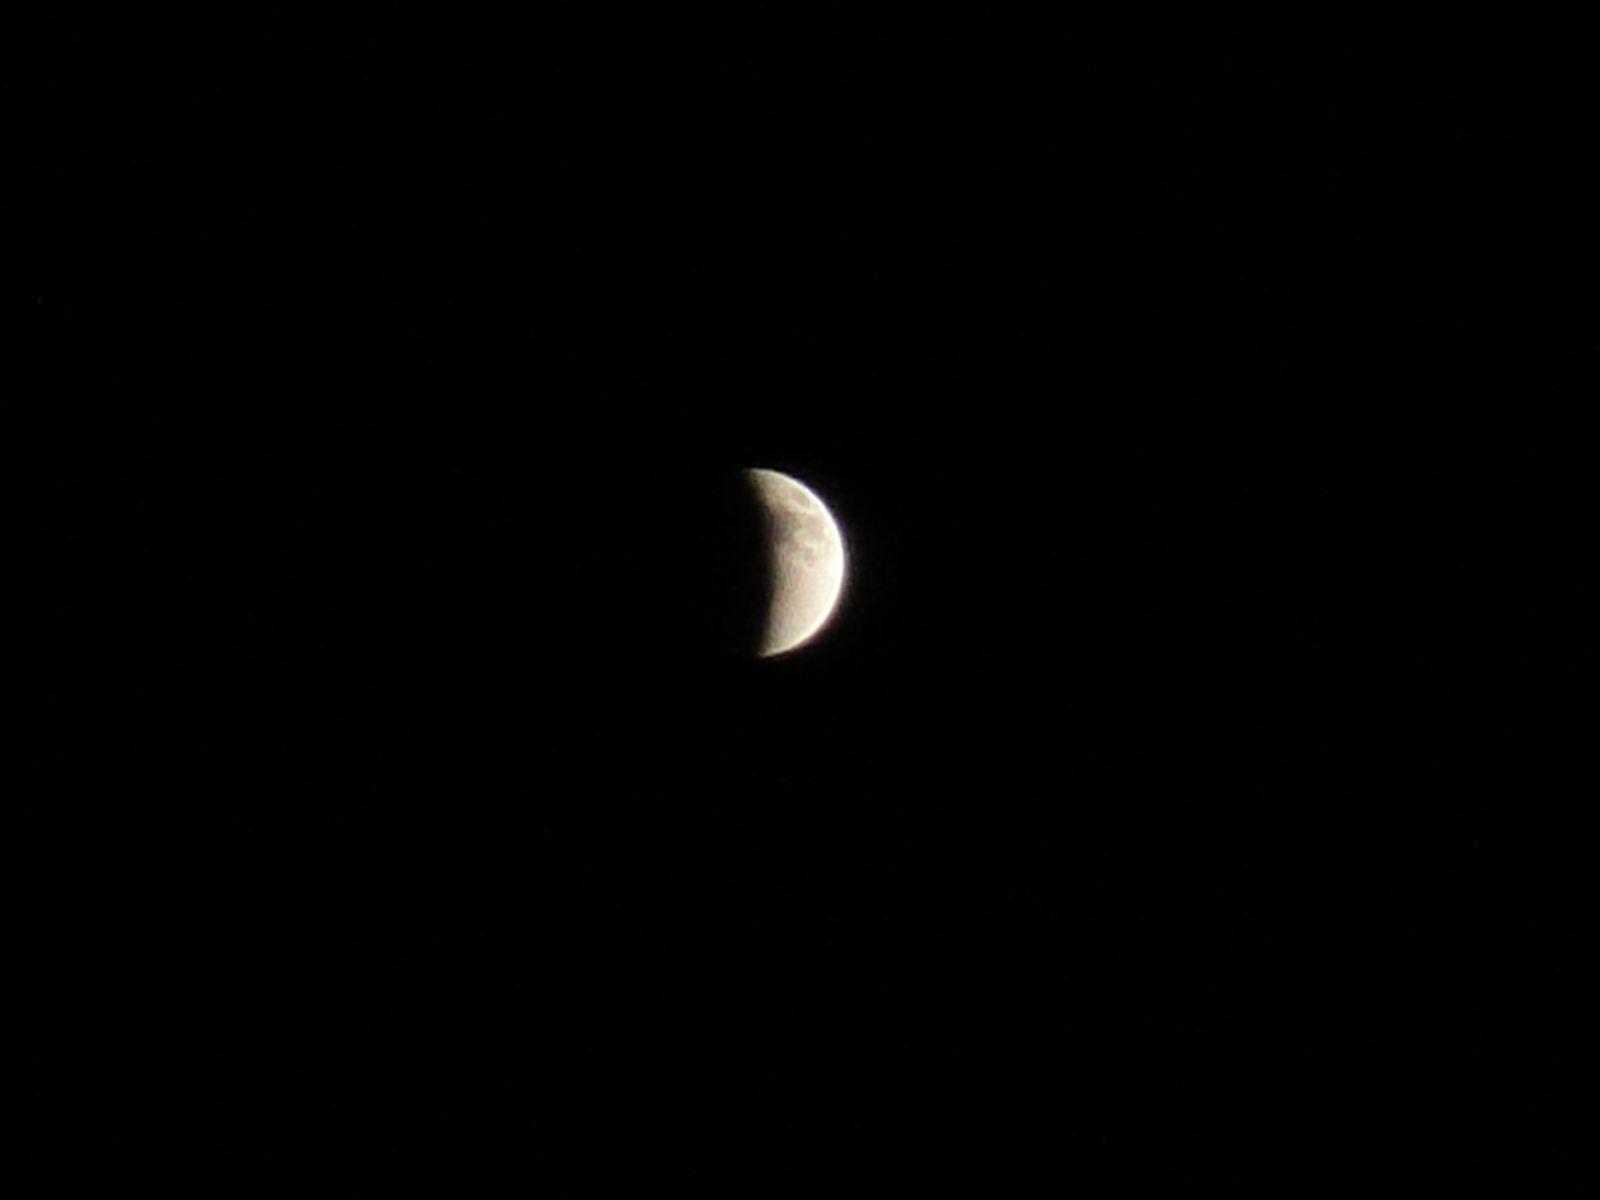 lunar_eclipse_089.jpg